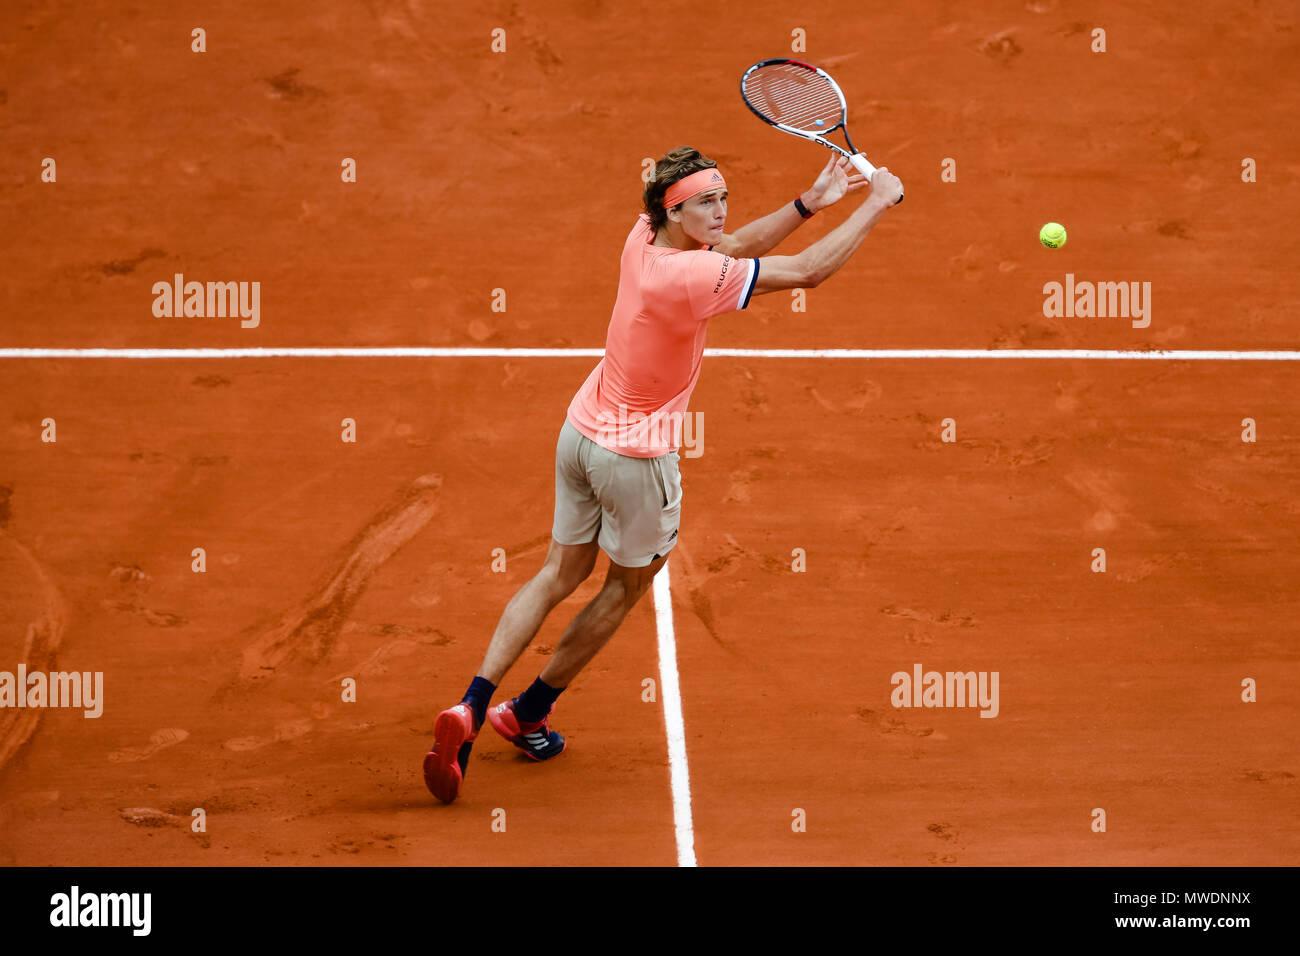 Parigi, Francia. Il 1 giugno, 2018. Alexander Zverev della Germania durante il suo terzo round singles corrisponde al giorno 6 al 2018 francesi aperti a Roland Garros. Credito: Frank Molter/Alamy Live News Foto Stock